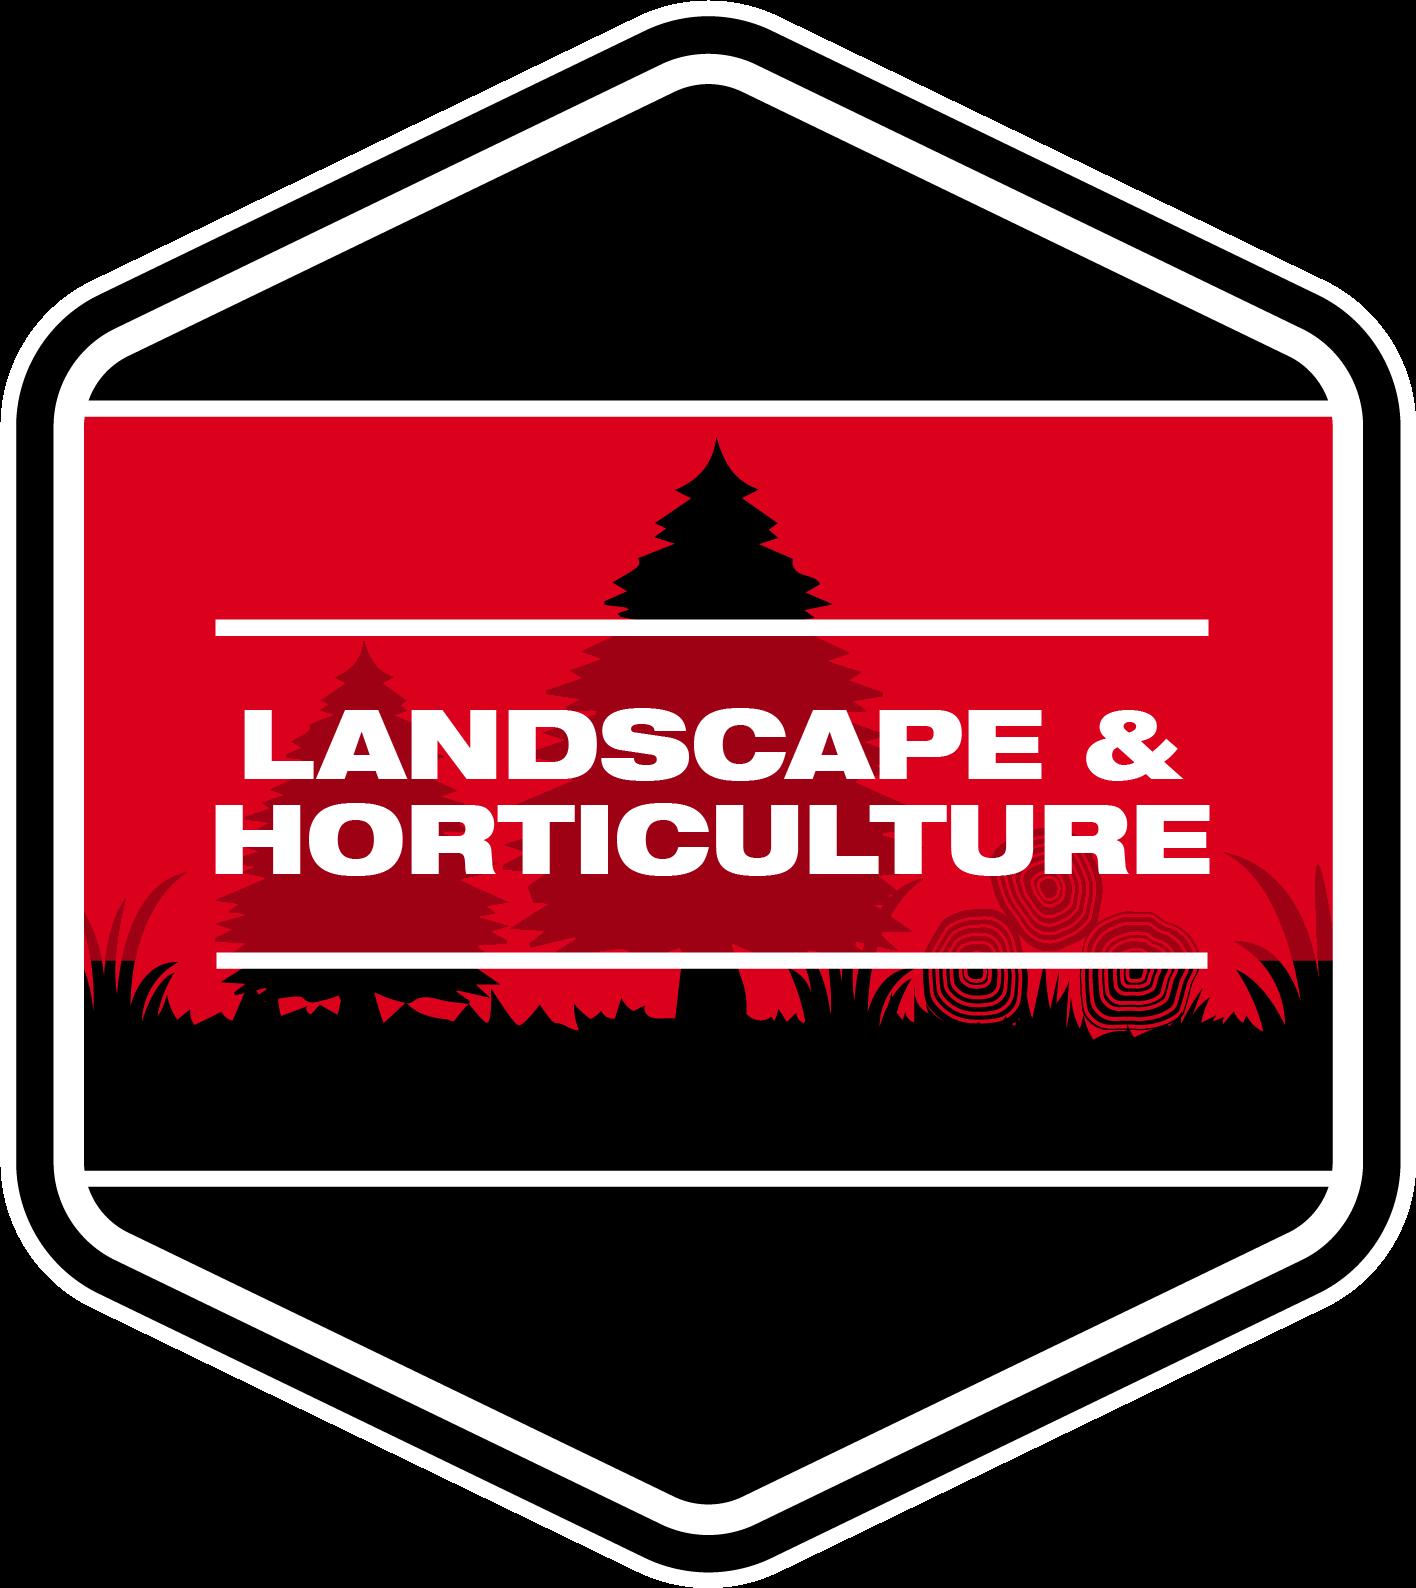 Lucrări de arhitectură peisagistică și horticultură